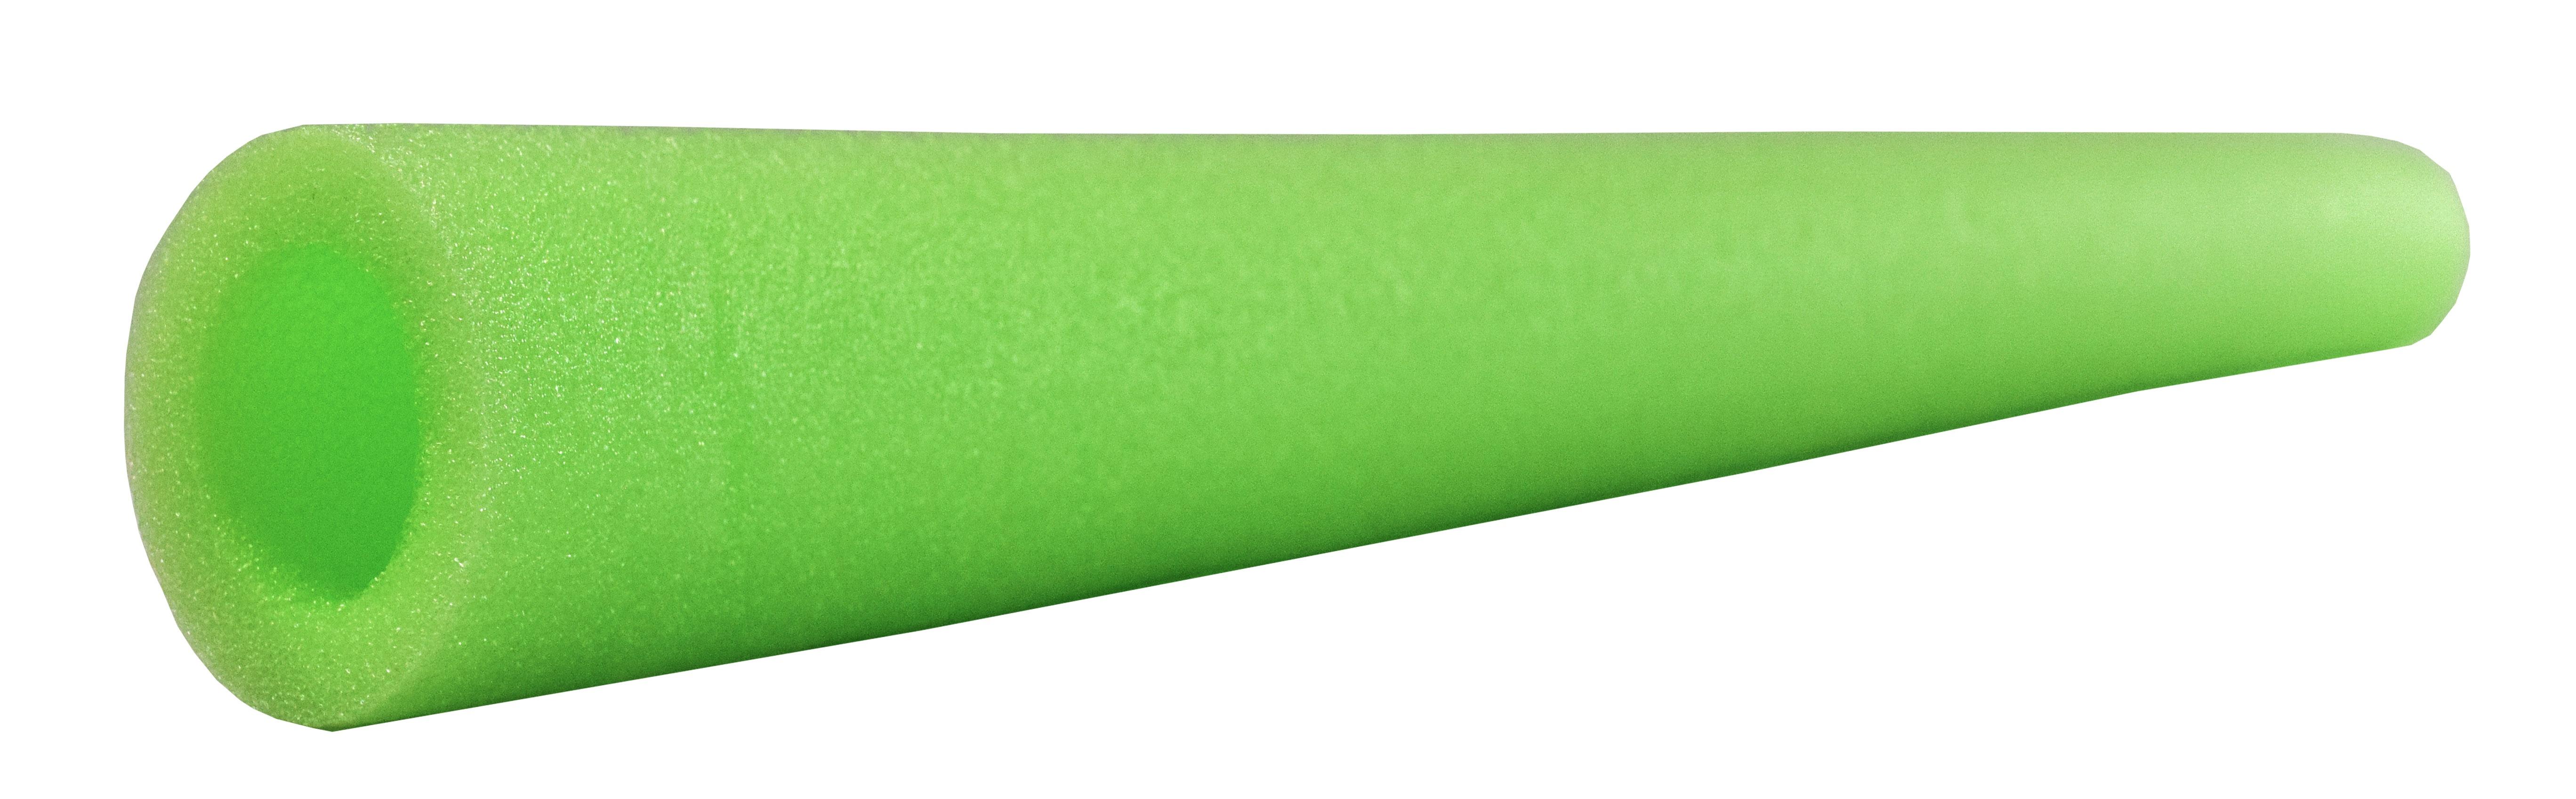 Aga habszivacs védő a rúdra  MIRELON 100 cm Light Green